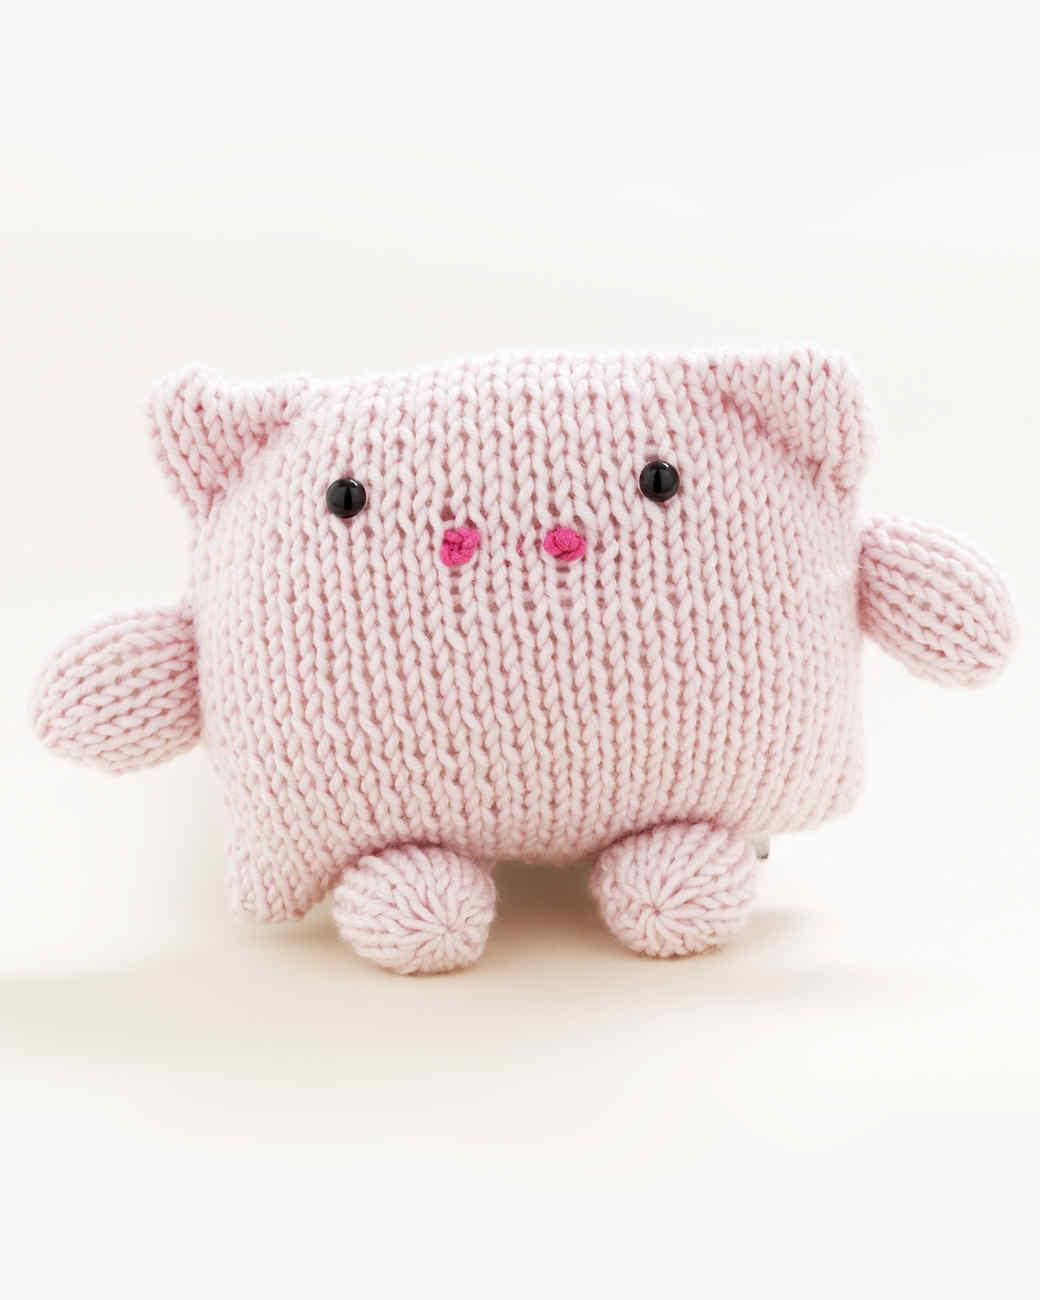 Martha Stewart Crafts Lion Brand® Yarn Extra-Soft Wool Blend Loom-Knit Pig